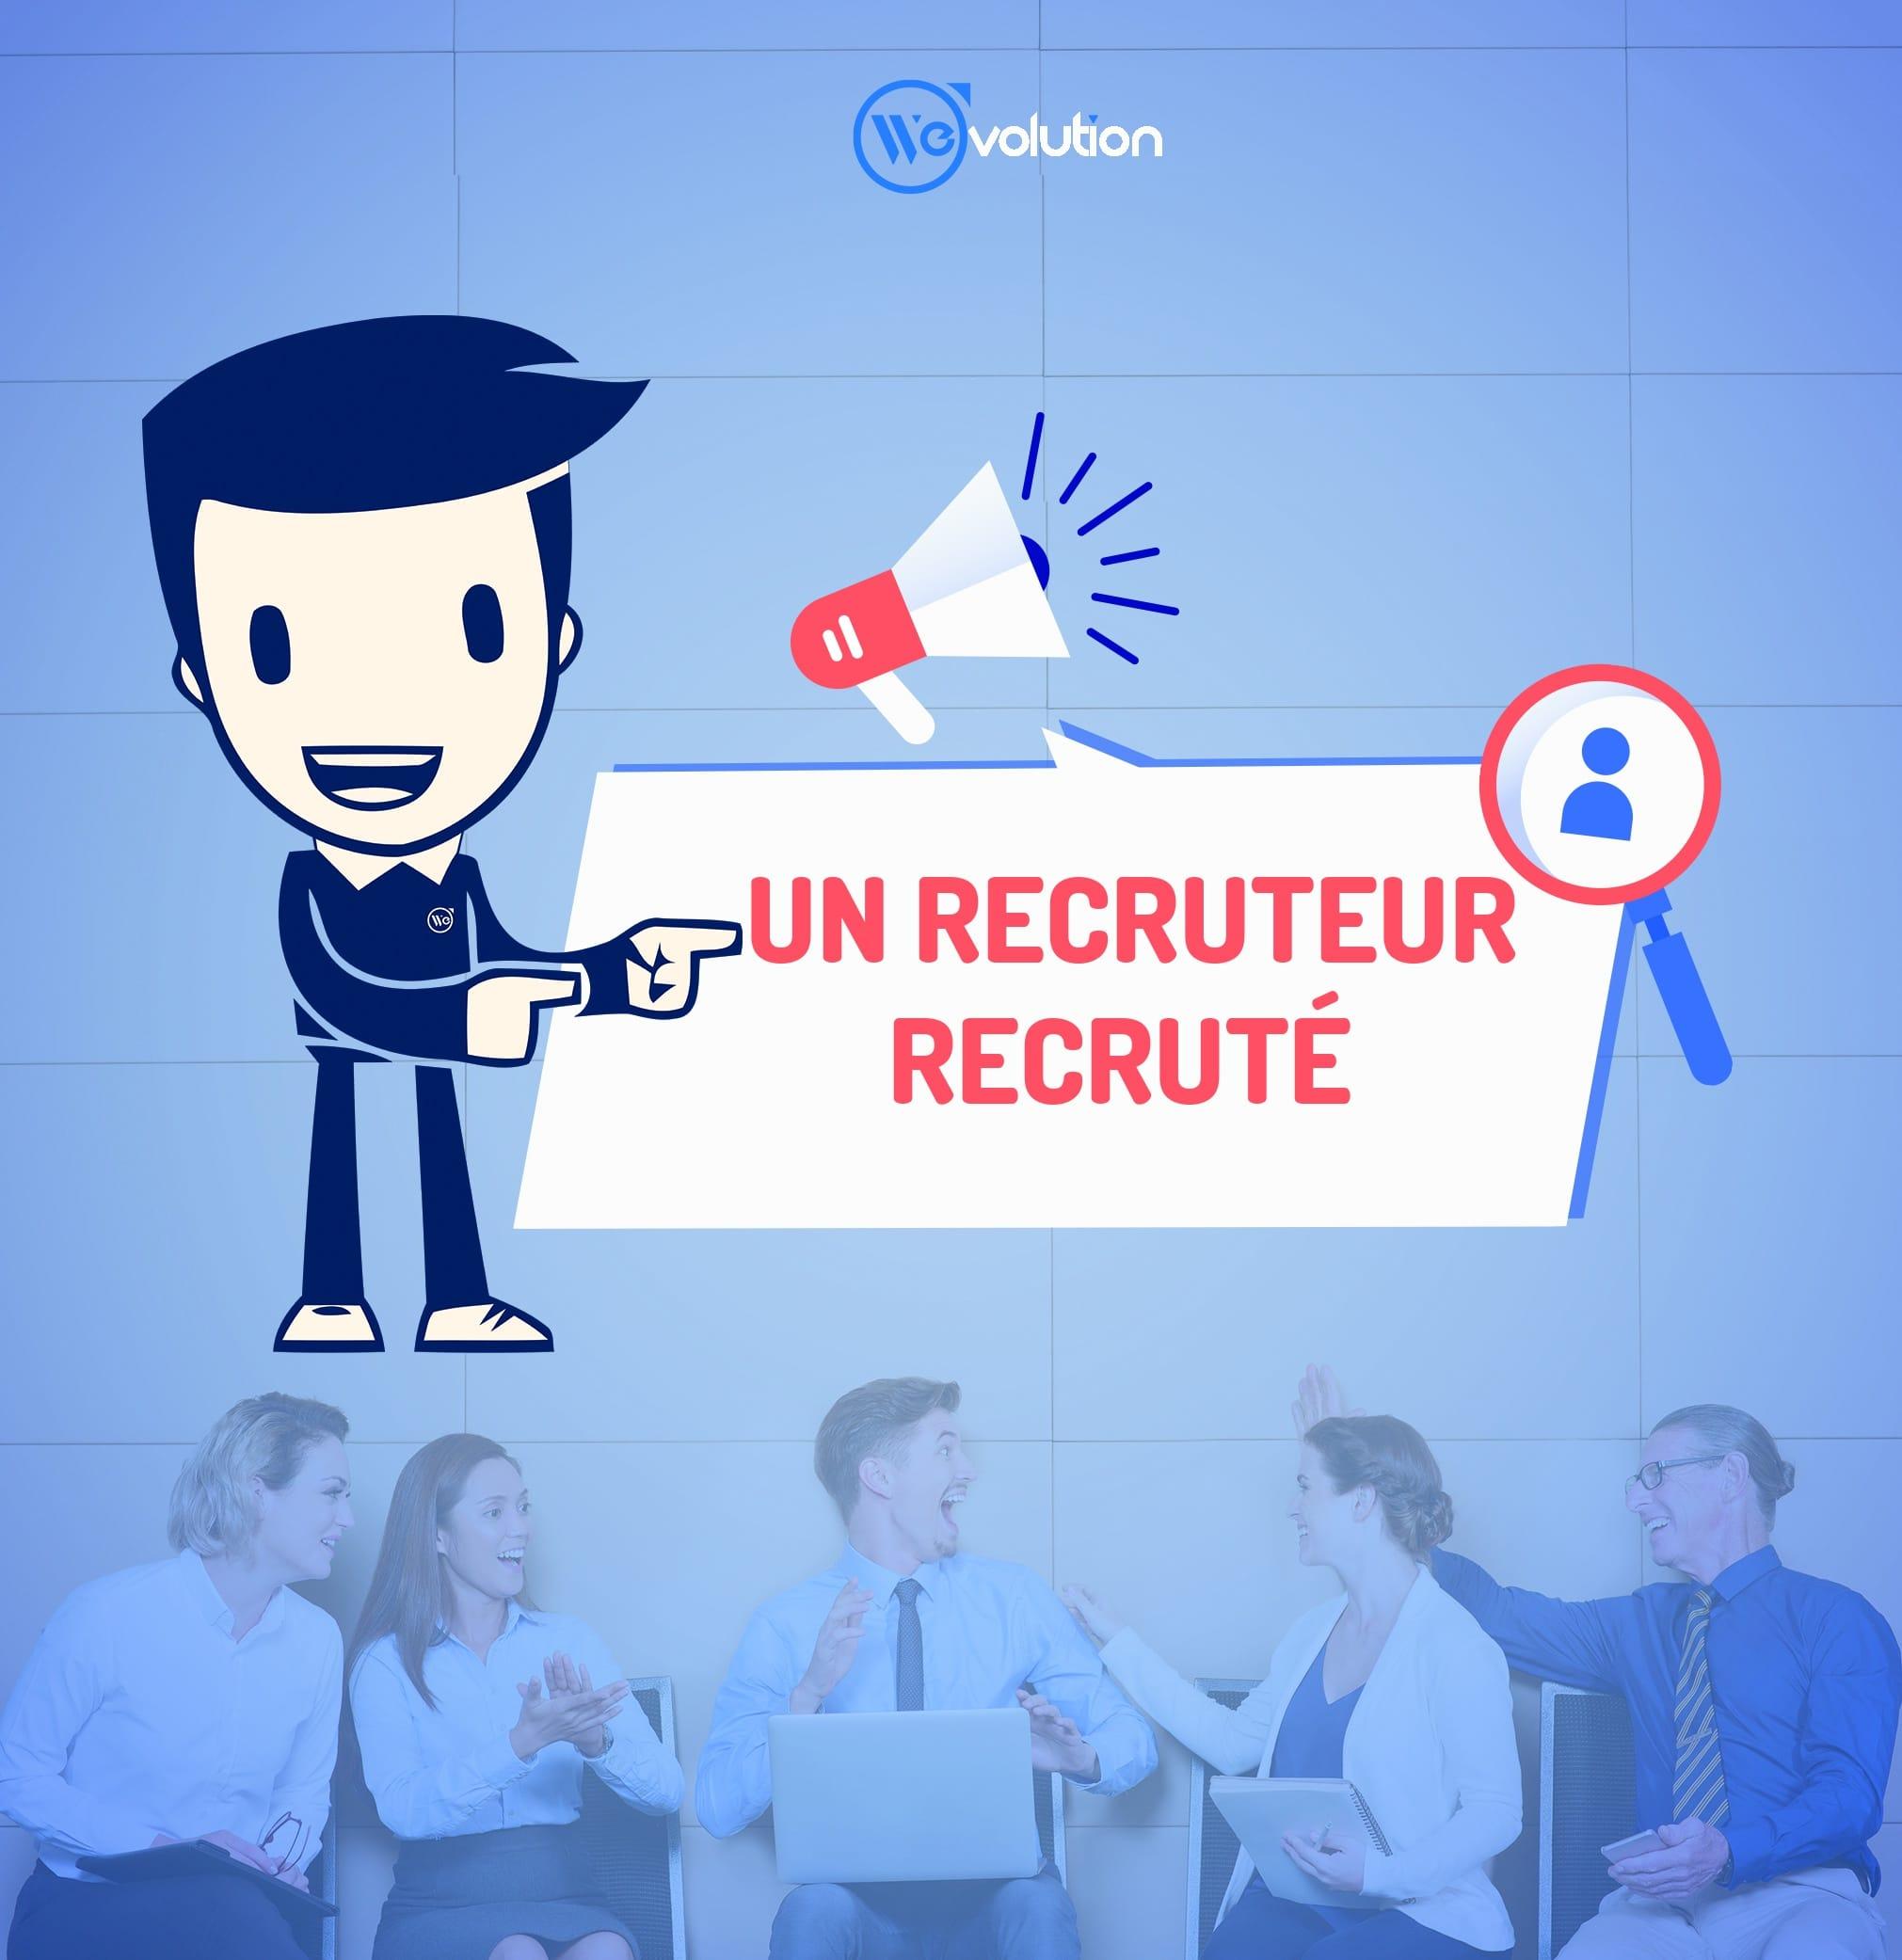 Un recruteur recruté